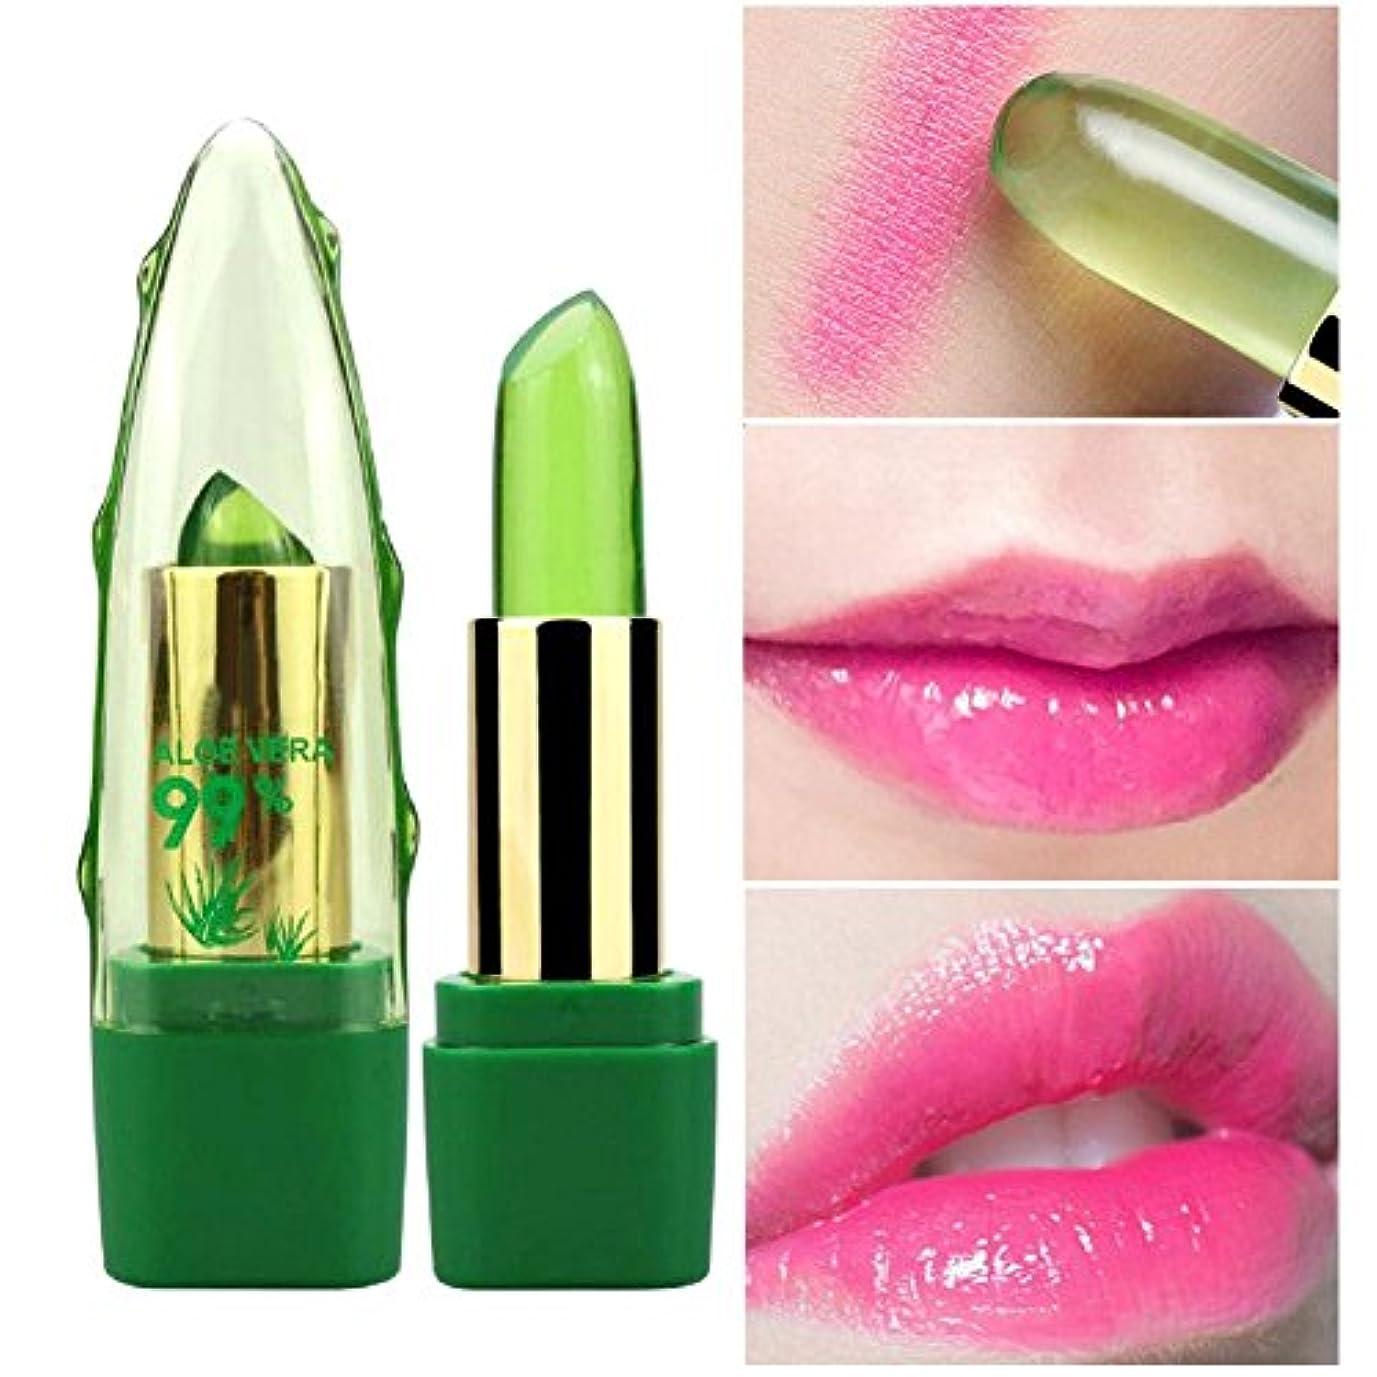 浸透する同情インチアロエベラゼリー リップクリーム 温度変化色 保湿 リップバーム 防水 長持ち 持ち運び リップスティック 天然植物 有機 健康 高輝度色で美しい唇を彩りルージュ